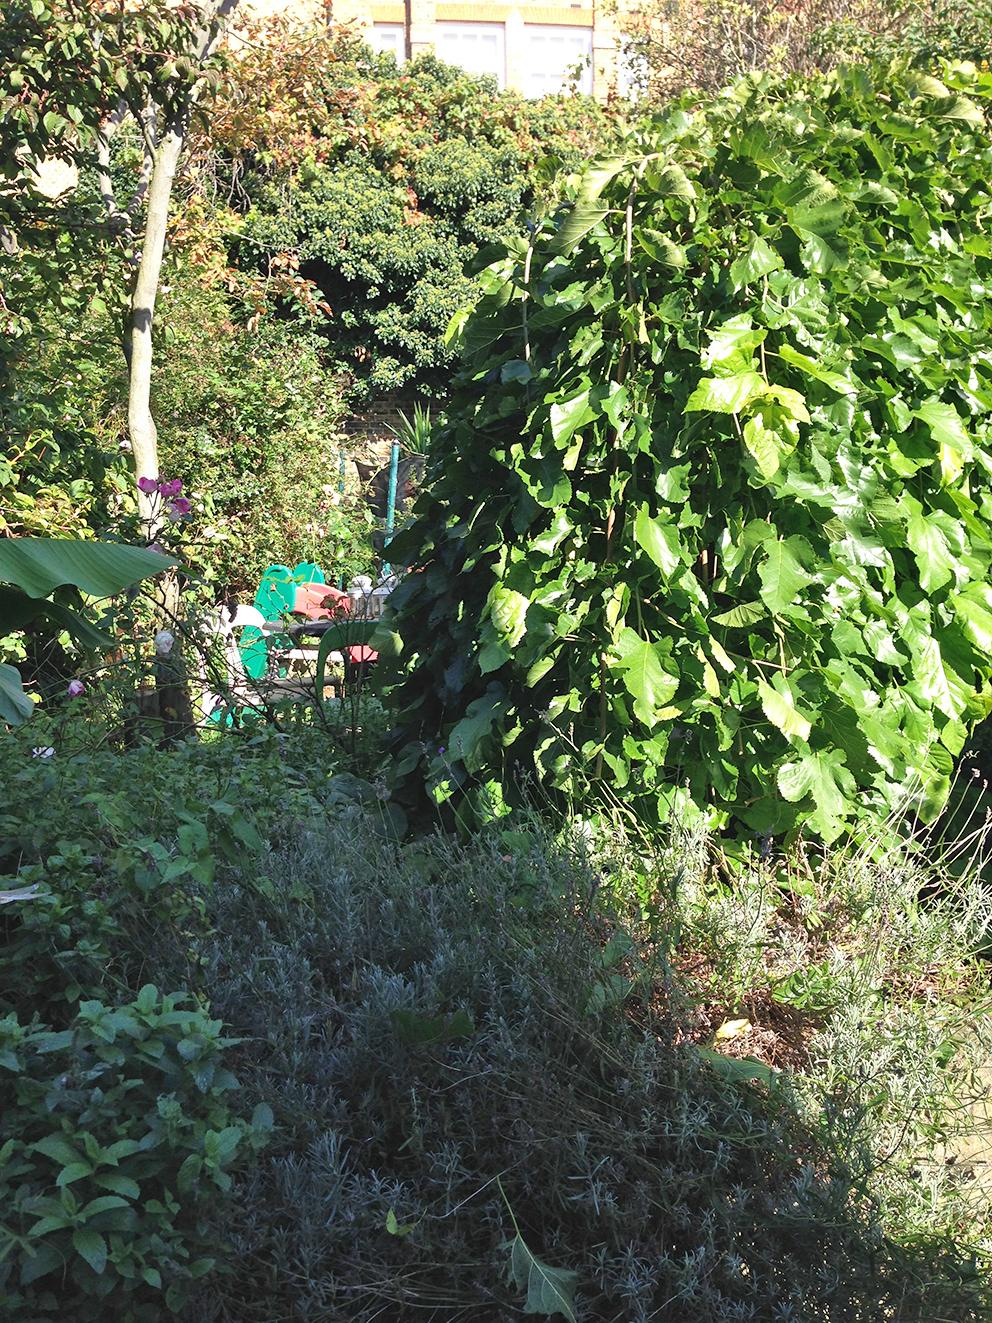 Overgrown garden - French For Pineapple Blog